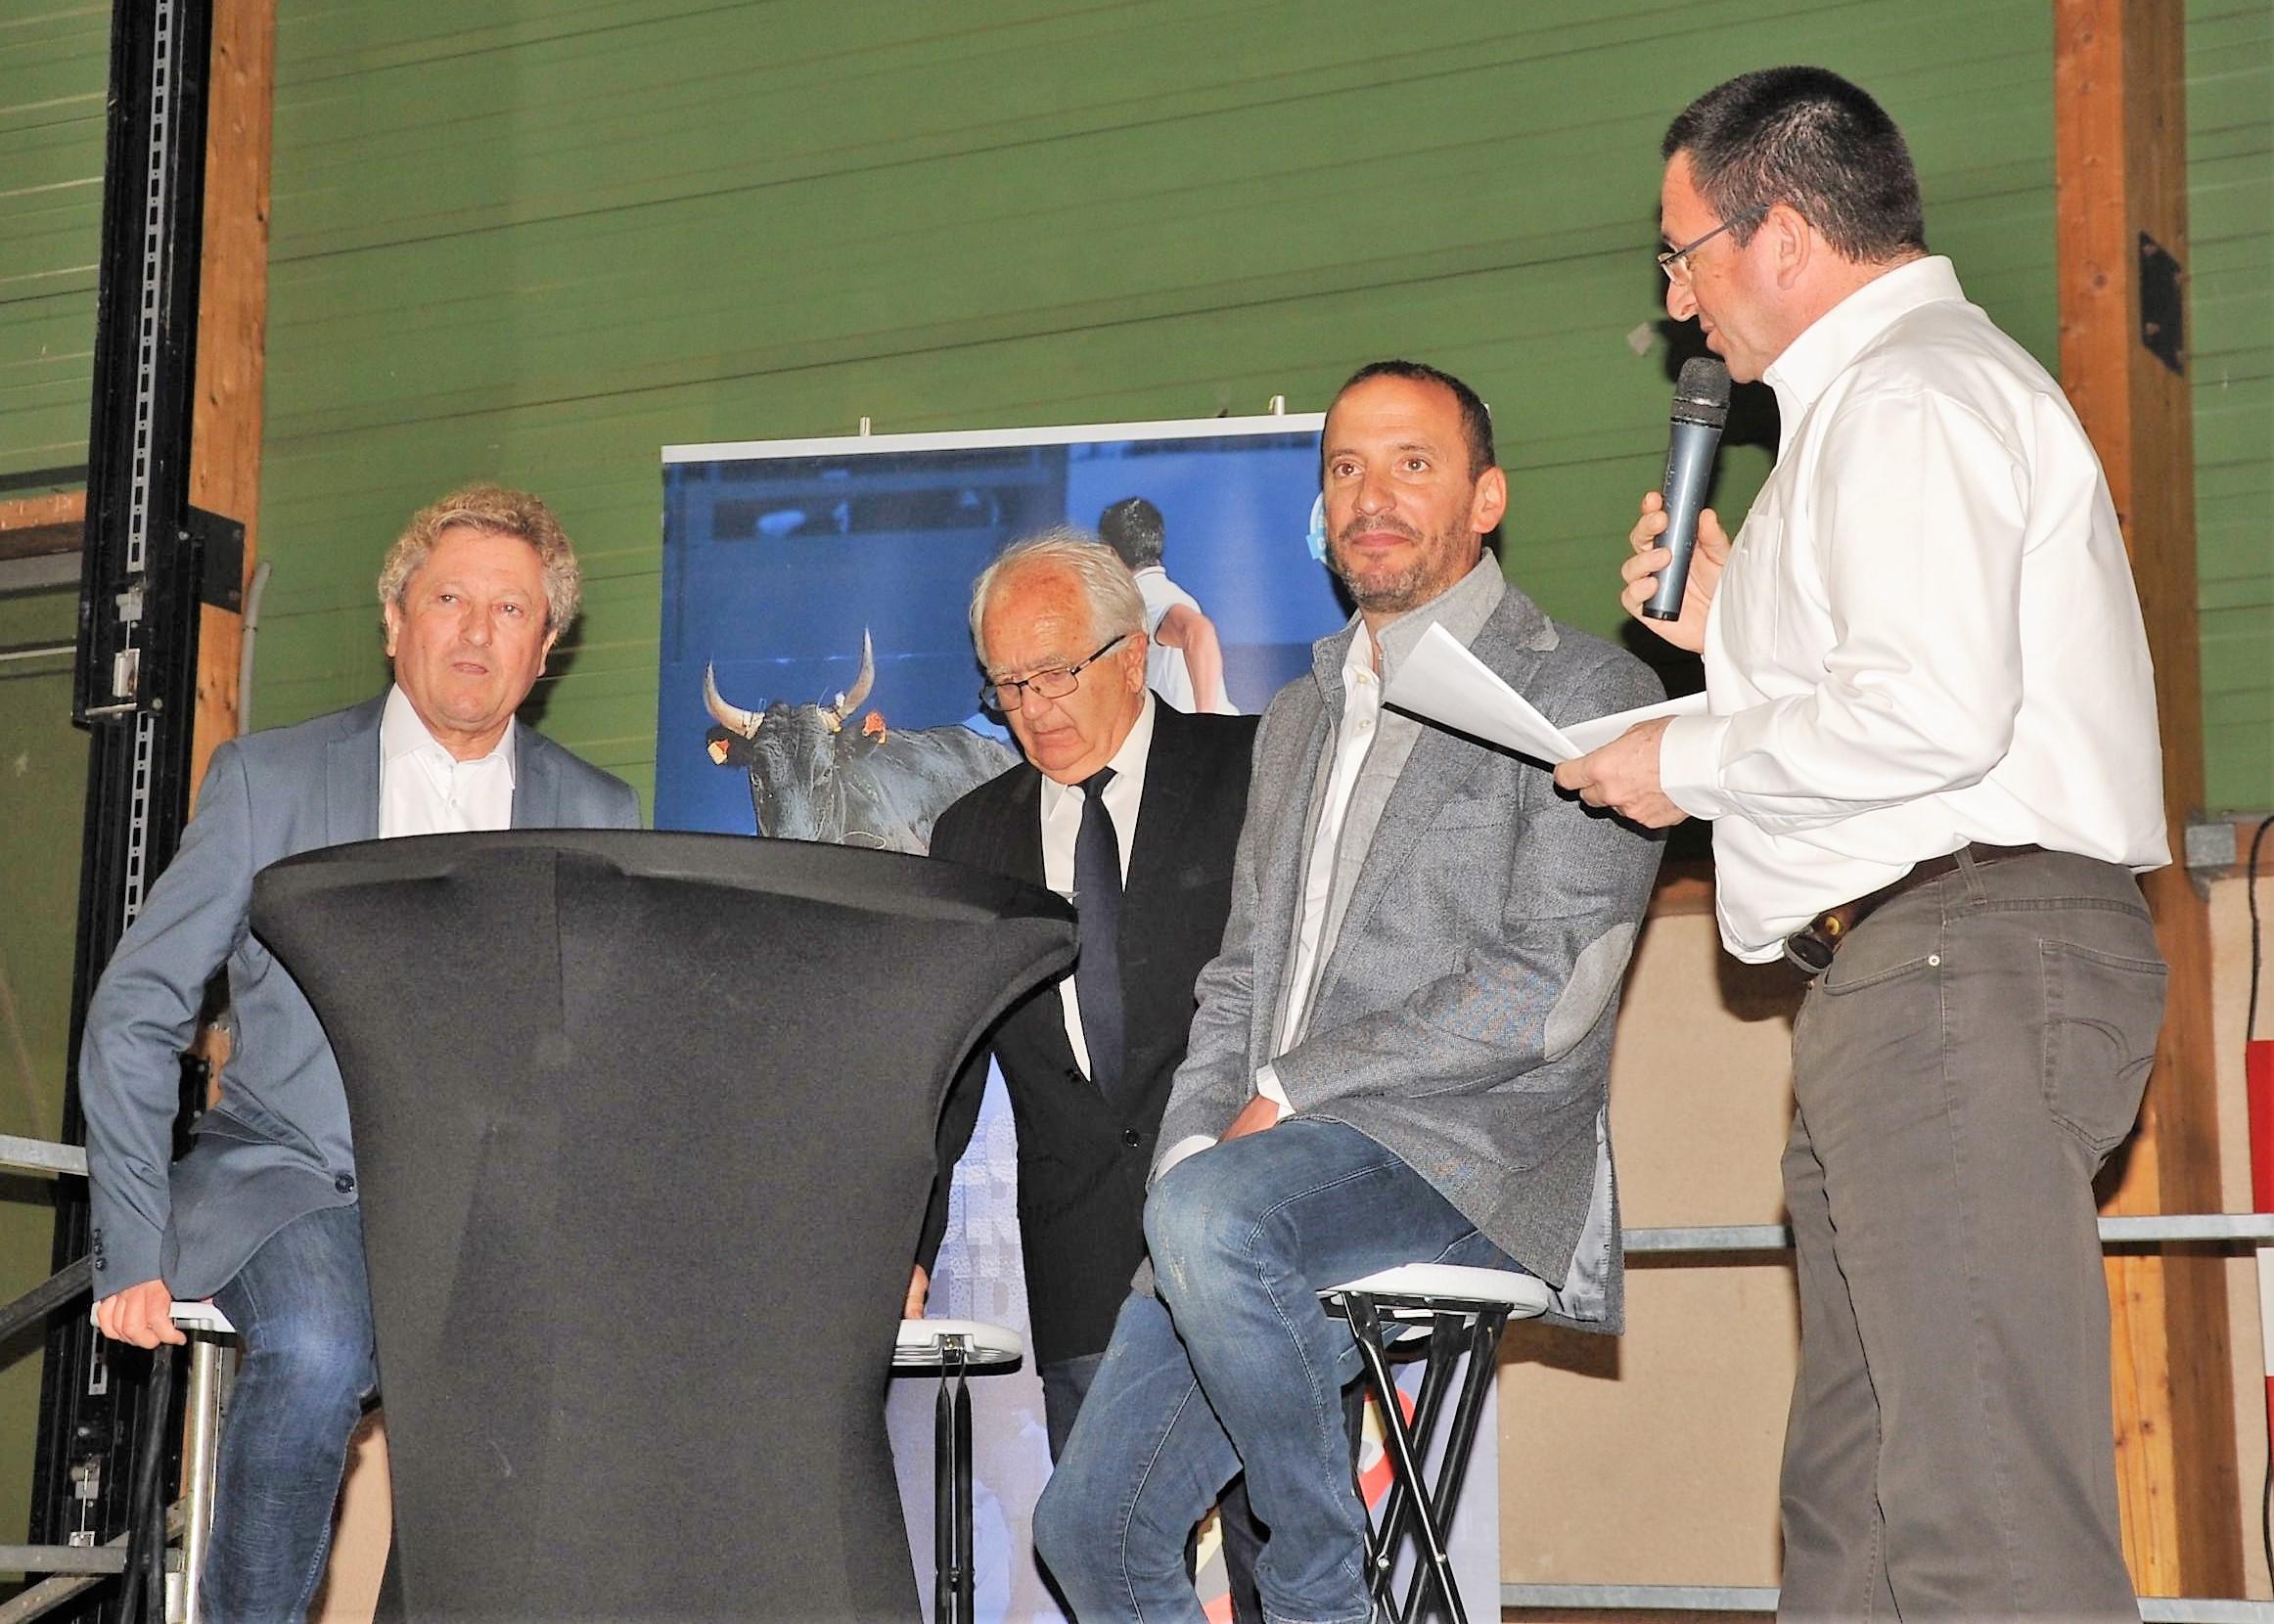 Ffcc Calendrier 2020.Aigues Vives 74e Congres De La Ffcc Bouvine En Ligne